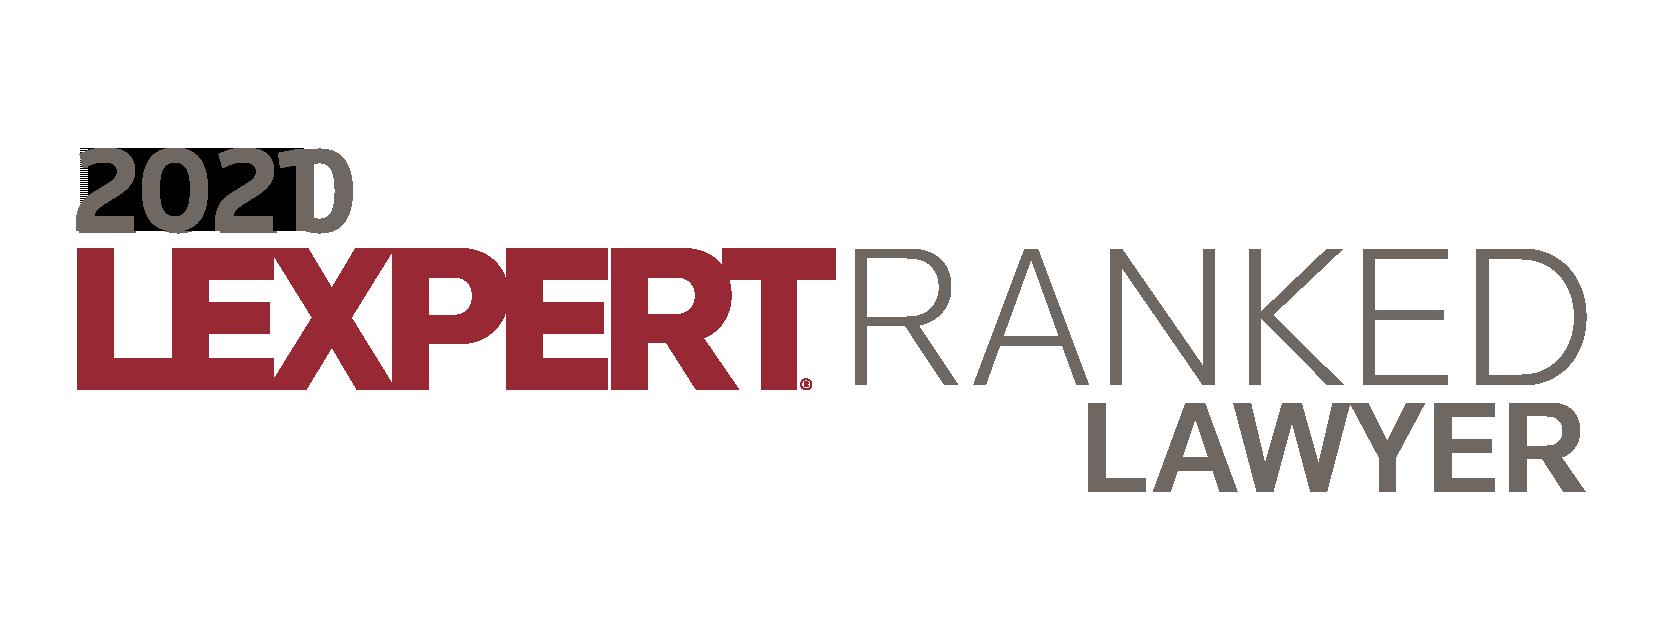 Lexpert 2021